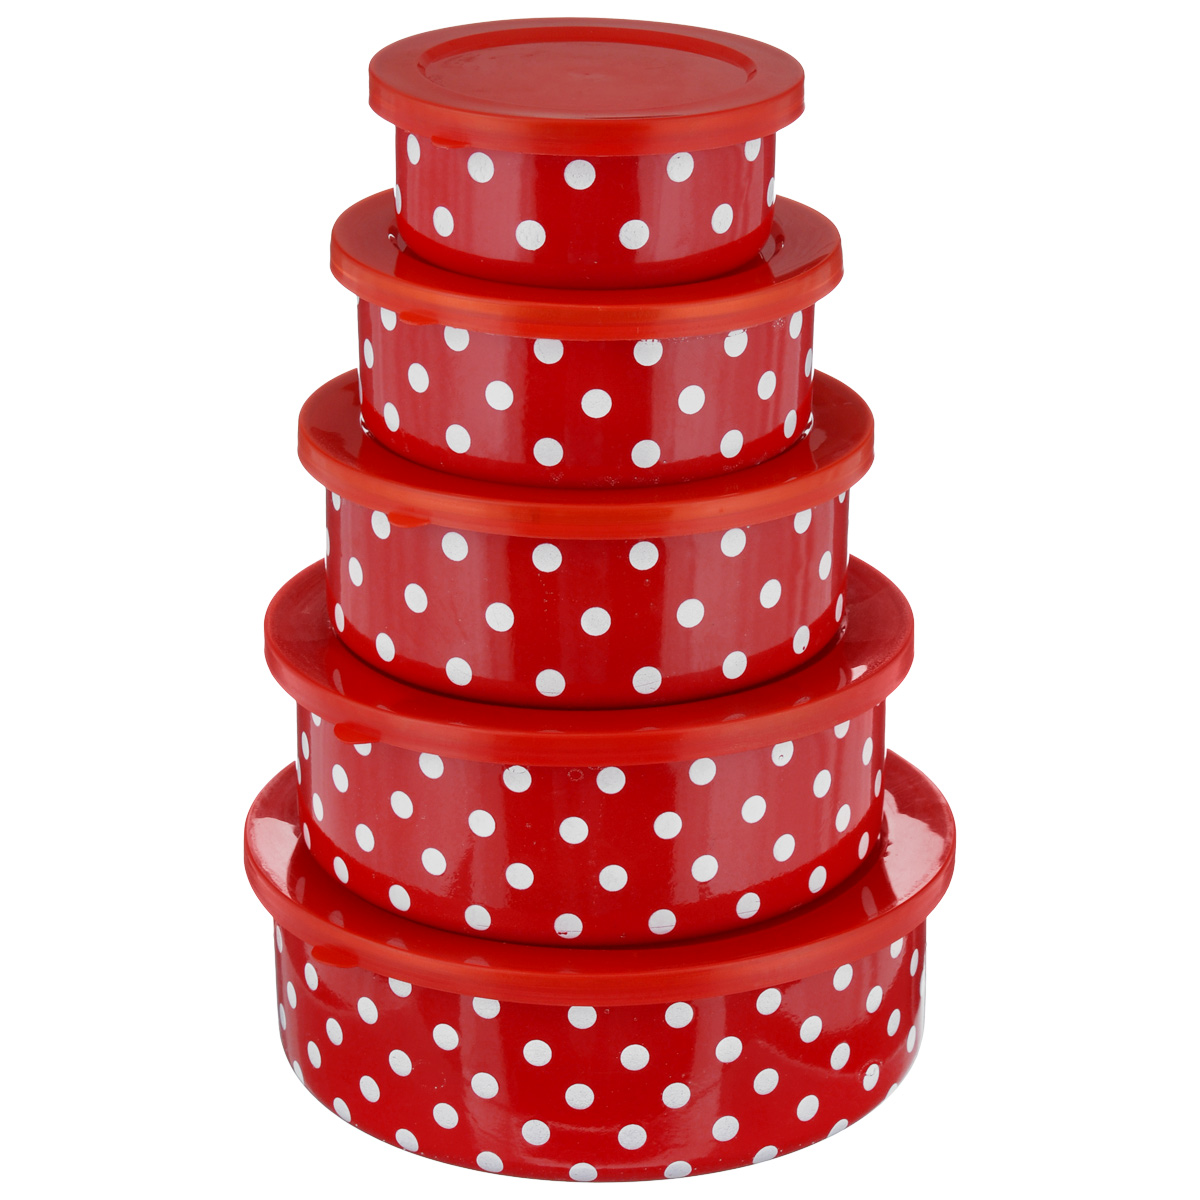 Набор мисок Mayer & Boch, 10 предметов, цвет: красный, белый набор мисок mayer